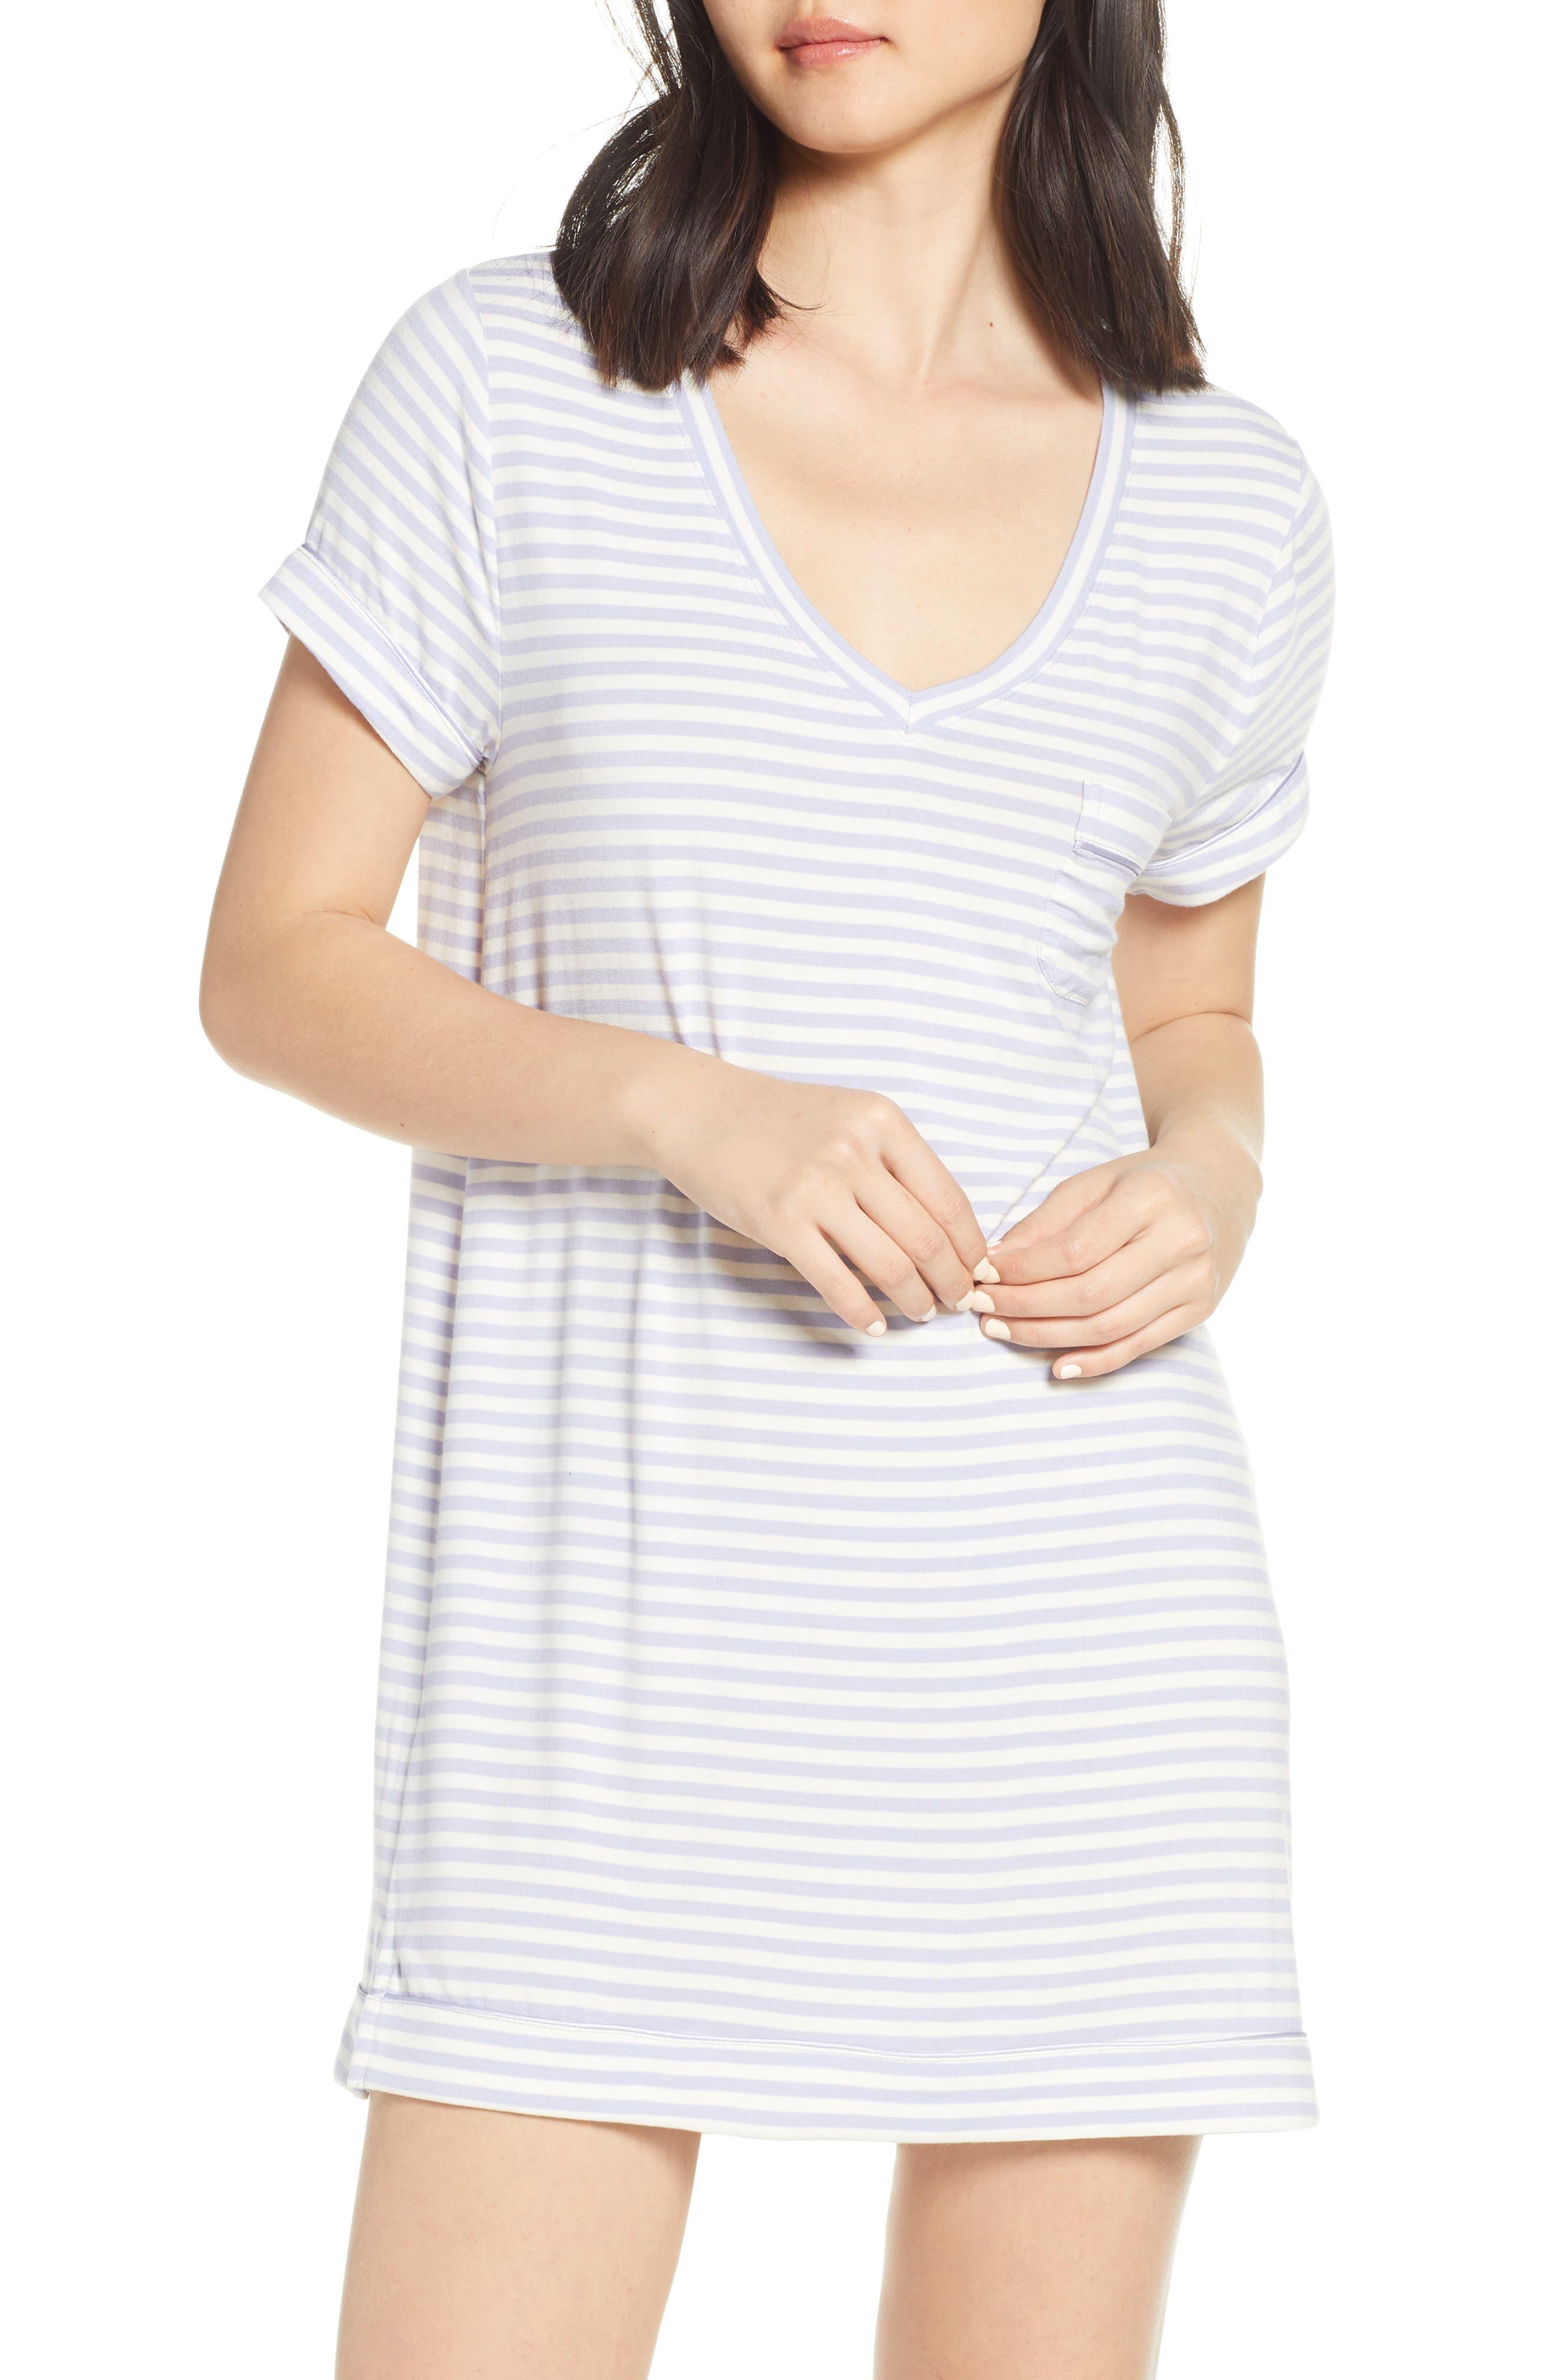 Nordstrom Lingerie Moonlight Sleep Shirt